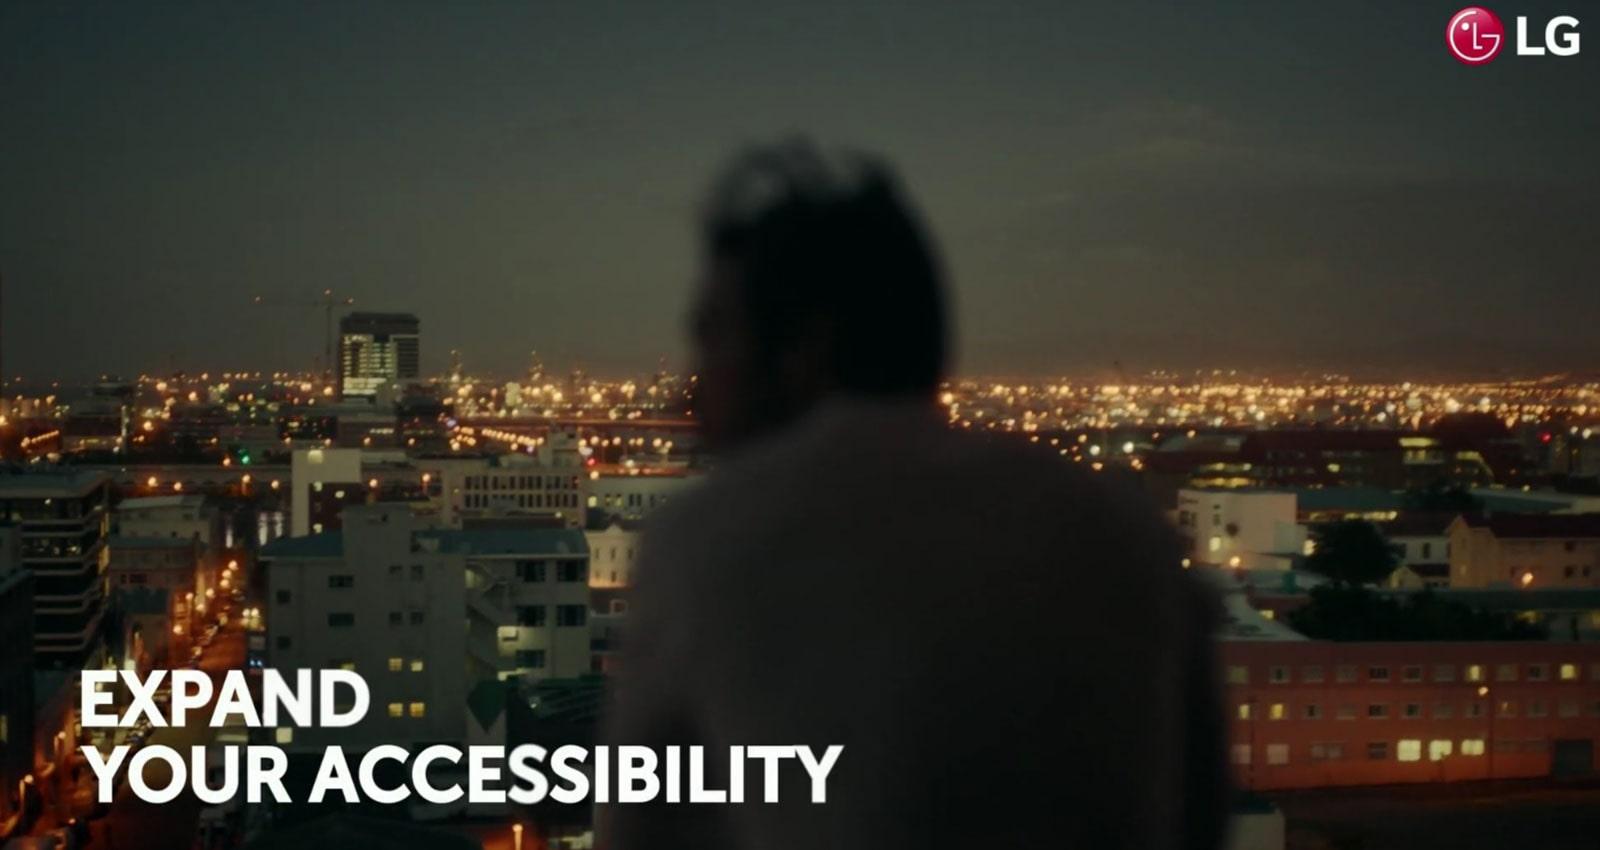 Expande tu accesibilidad3